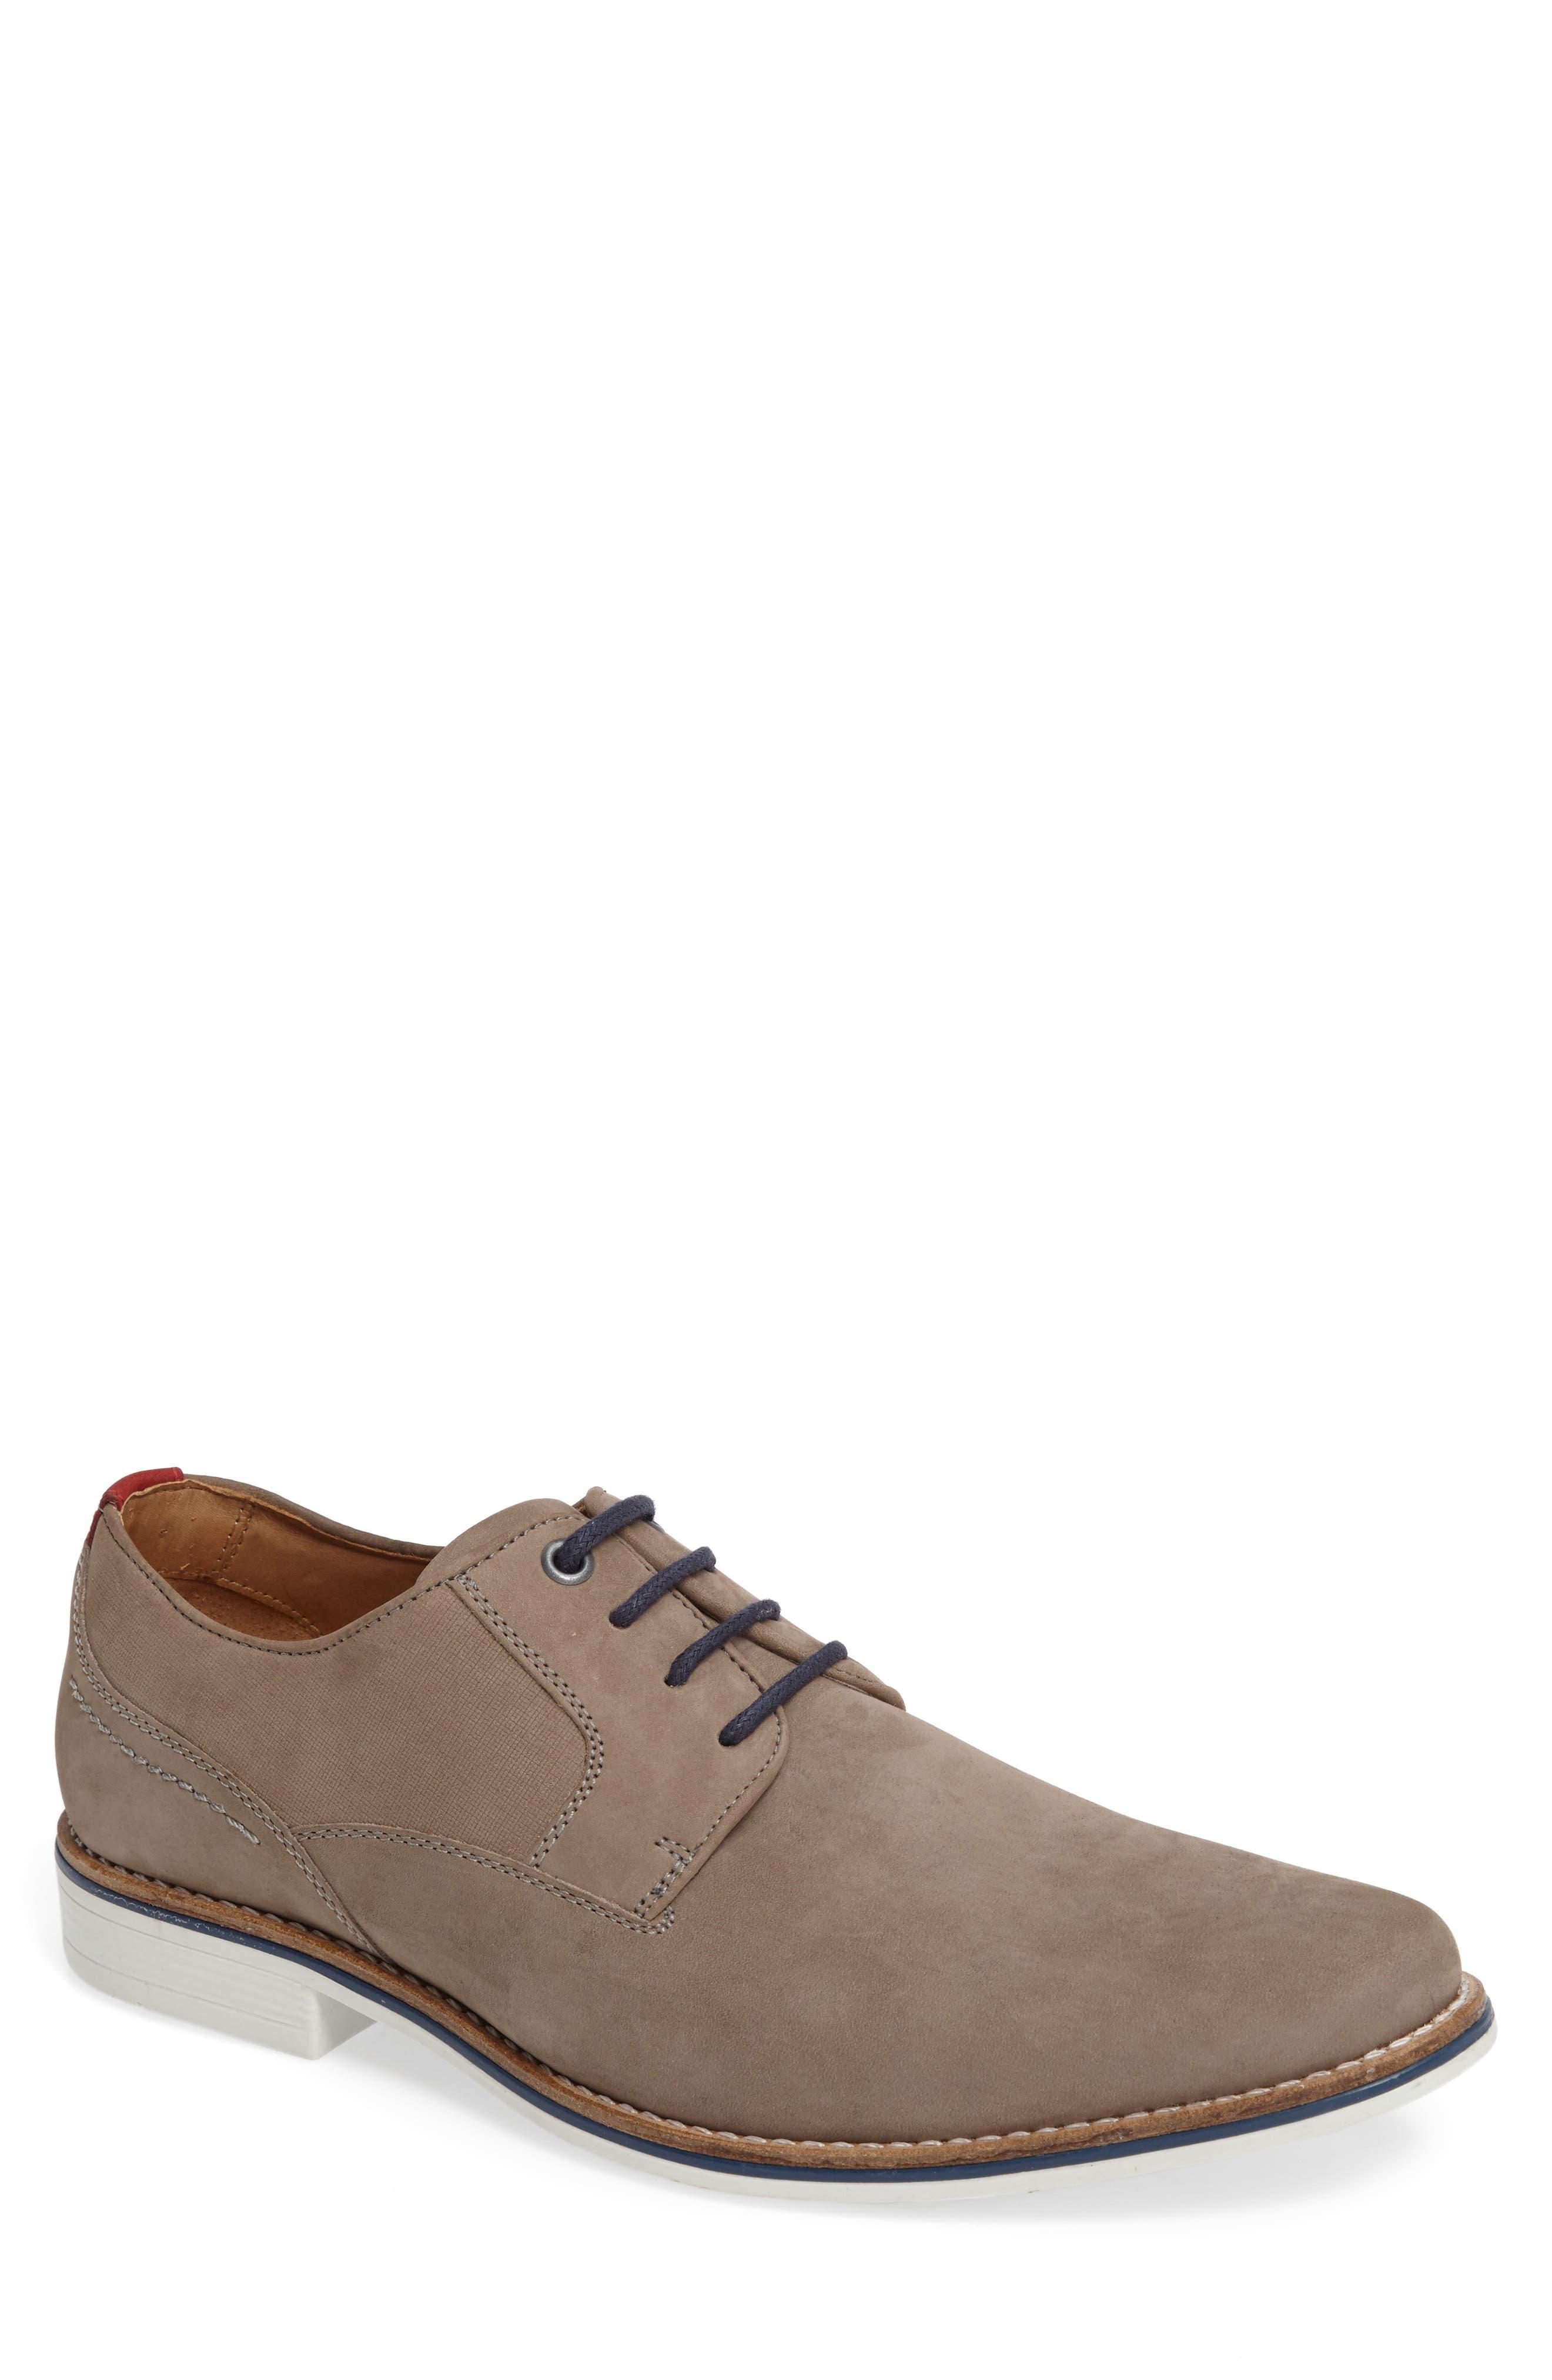 Archer Buck Shoe,                             Main thumbnail 1, color,                             020